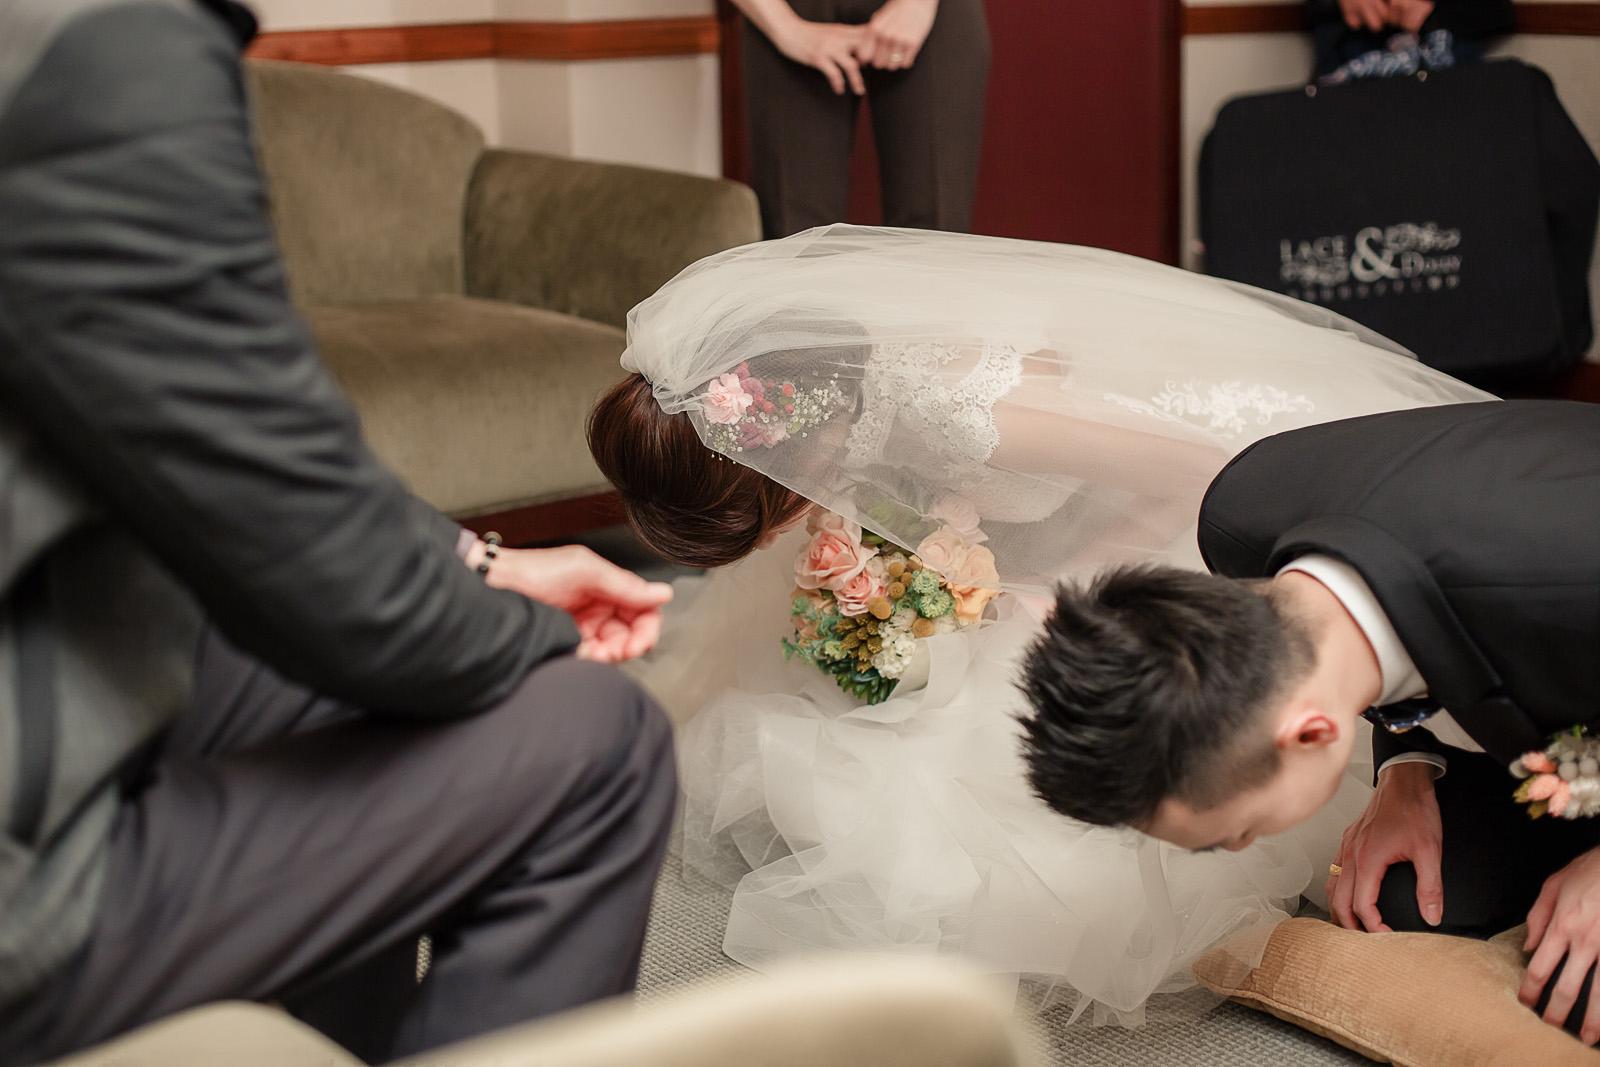 高雄圓山飯店,婚禮攝影,婚攝,高雄婚攝,優質婚攝推薦,Jen&Ethan-146